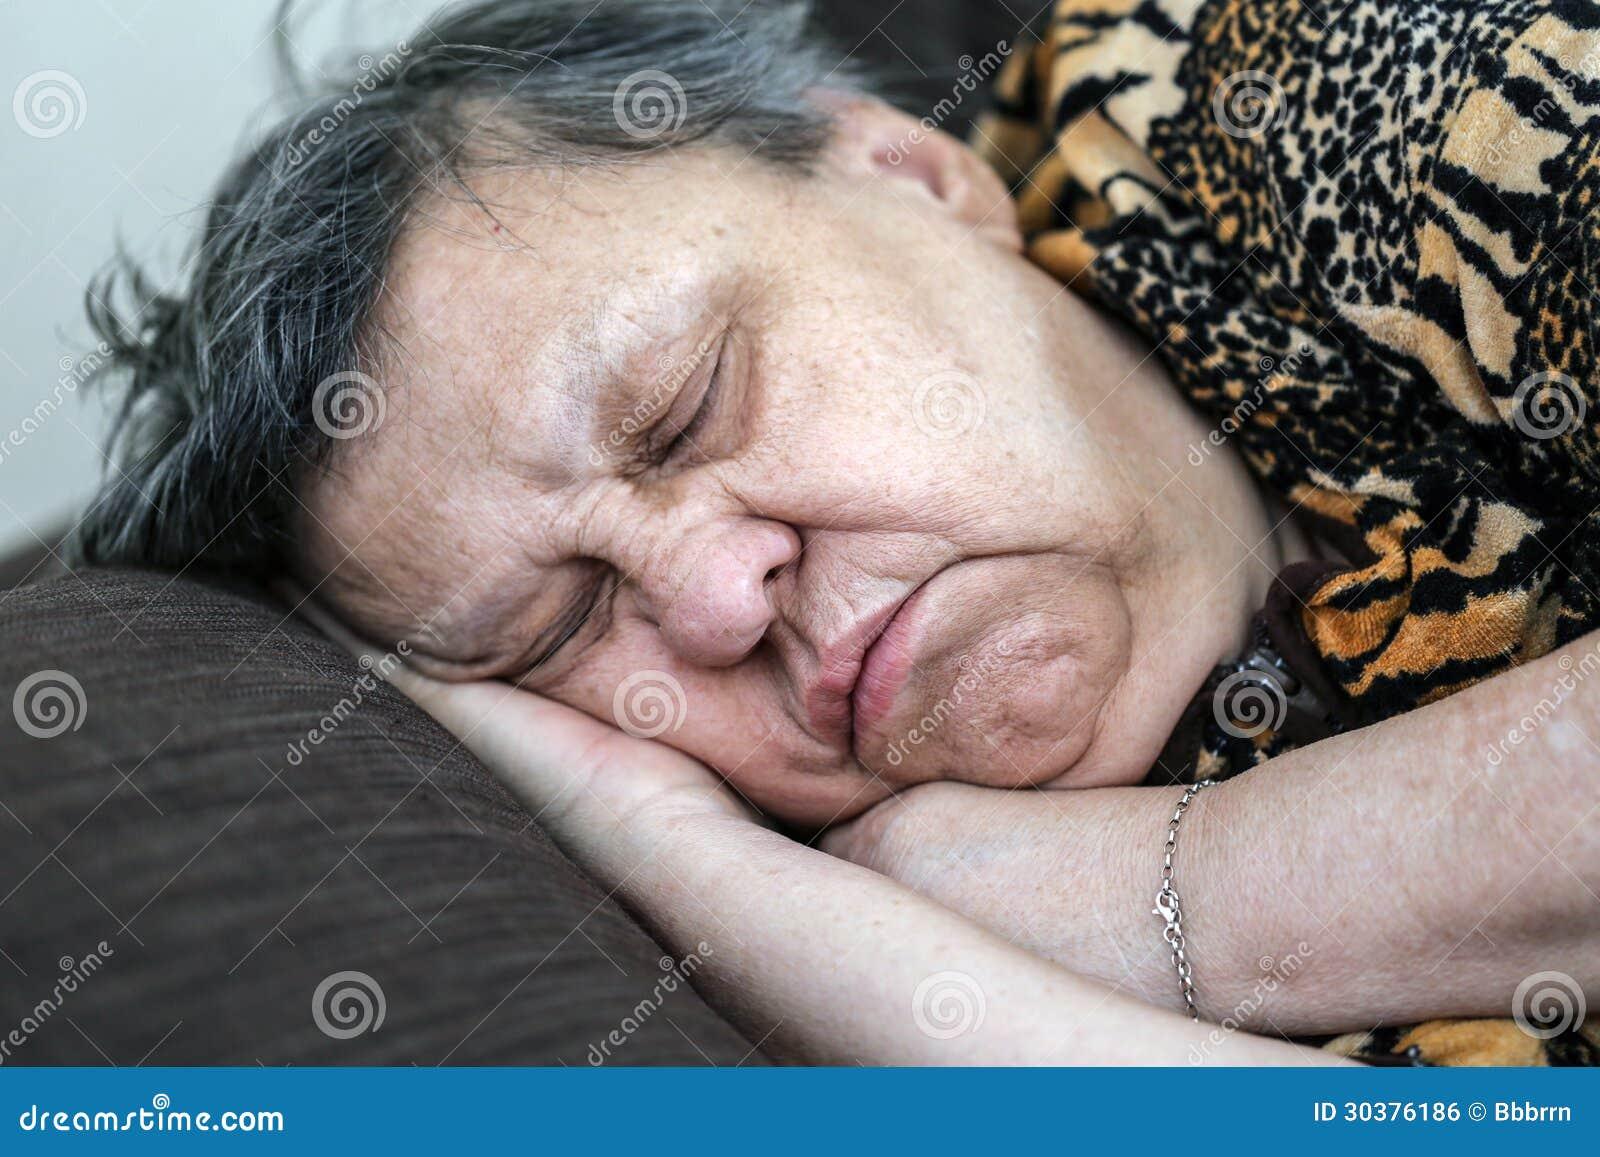 Спящей засунули член в рот, Брат засунул хуй в рот пьяной спящей сестре блондинке 25 фотография